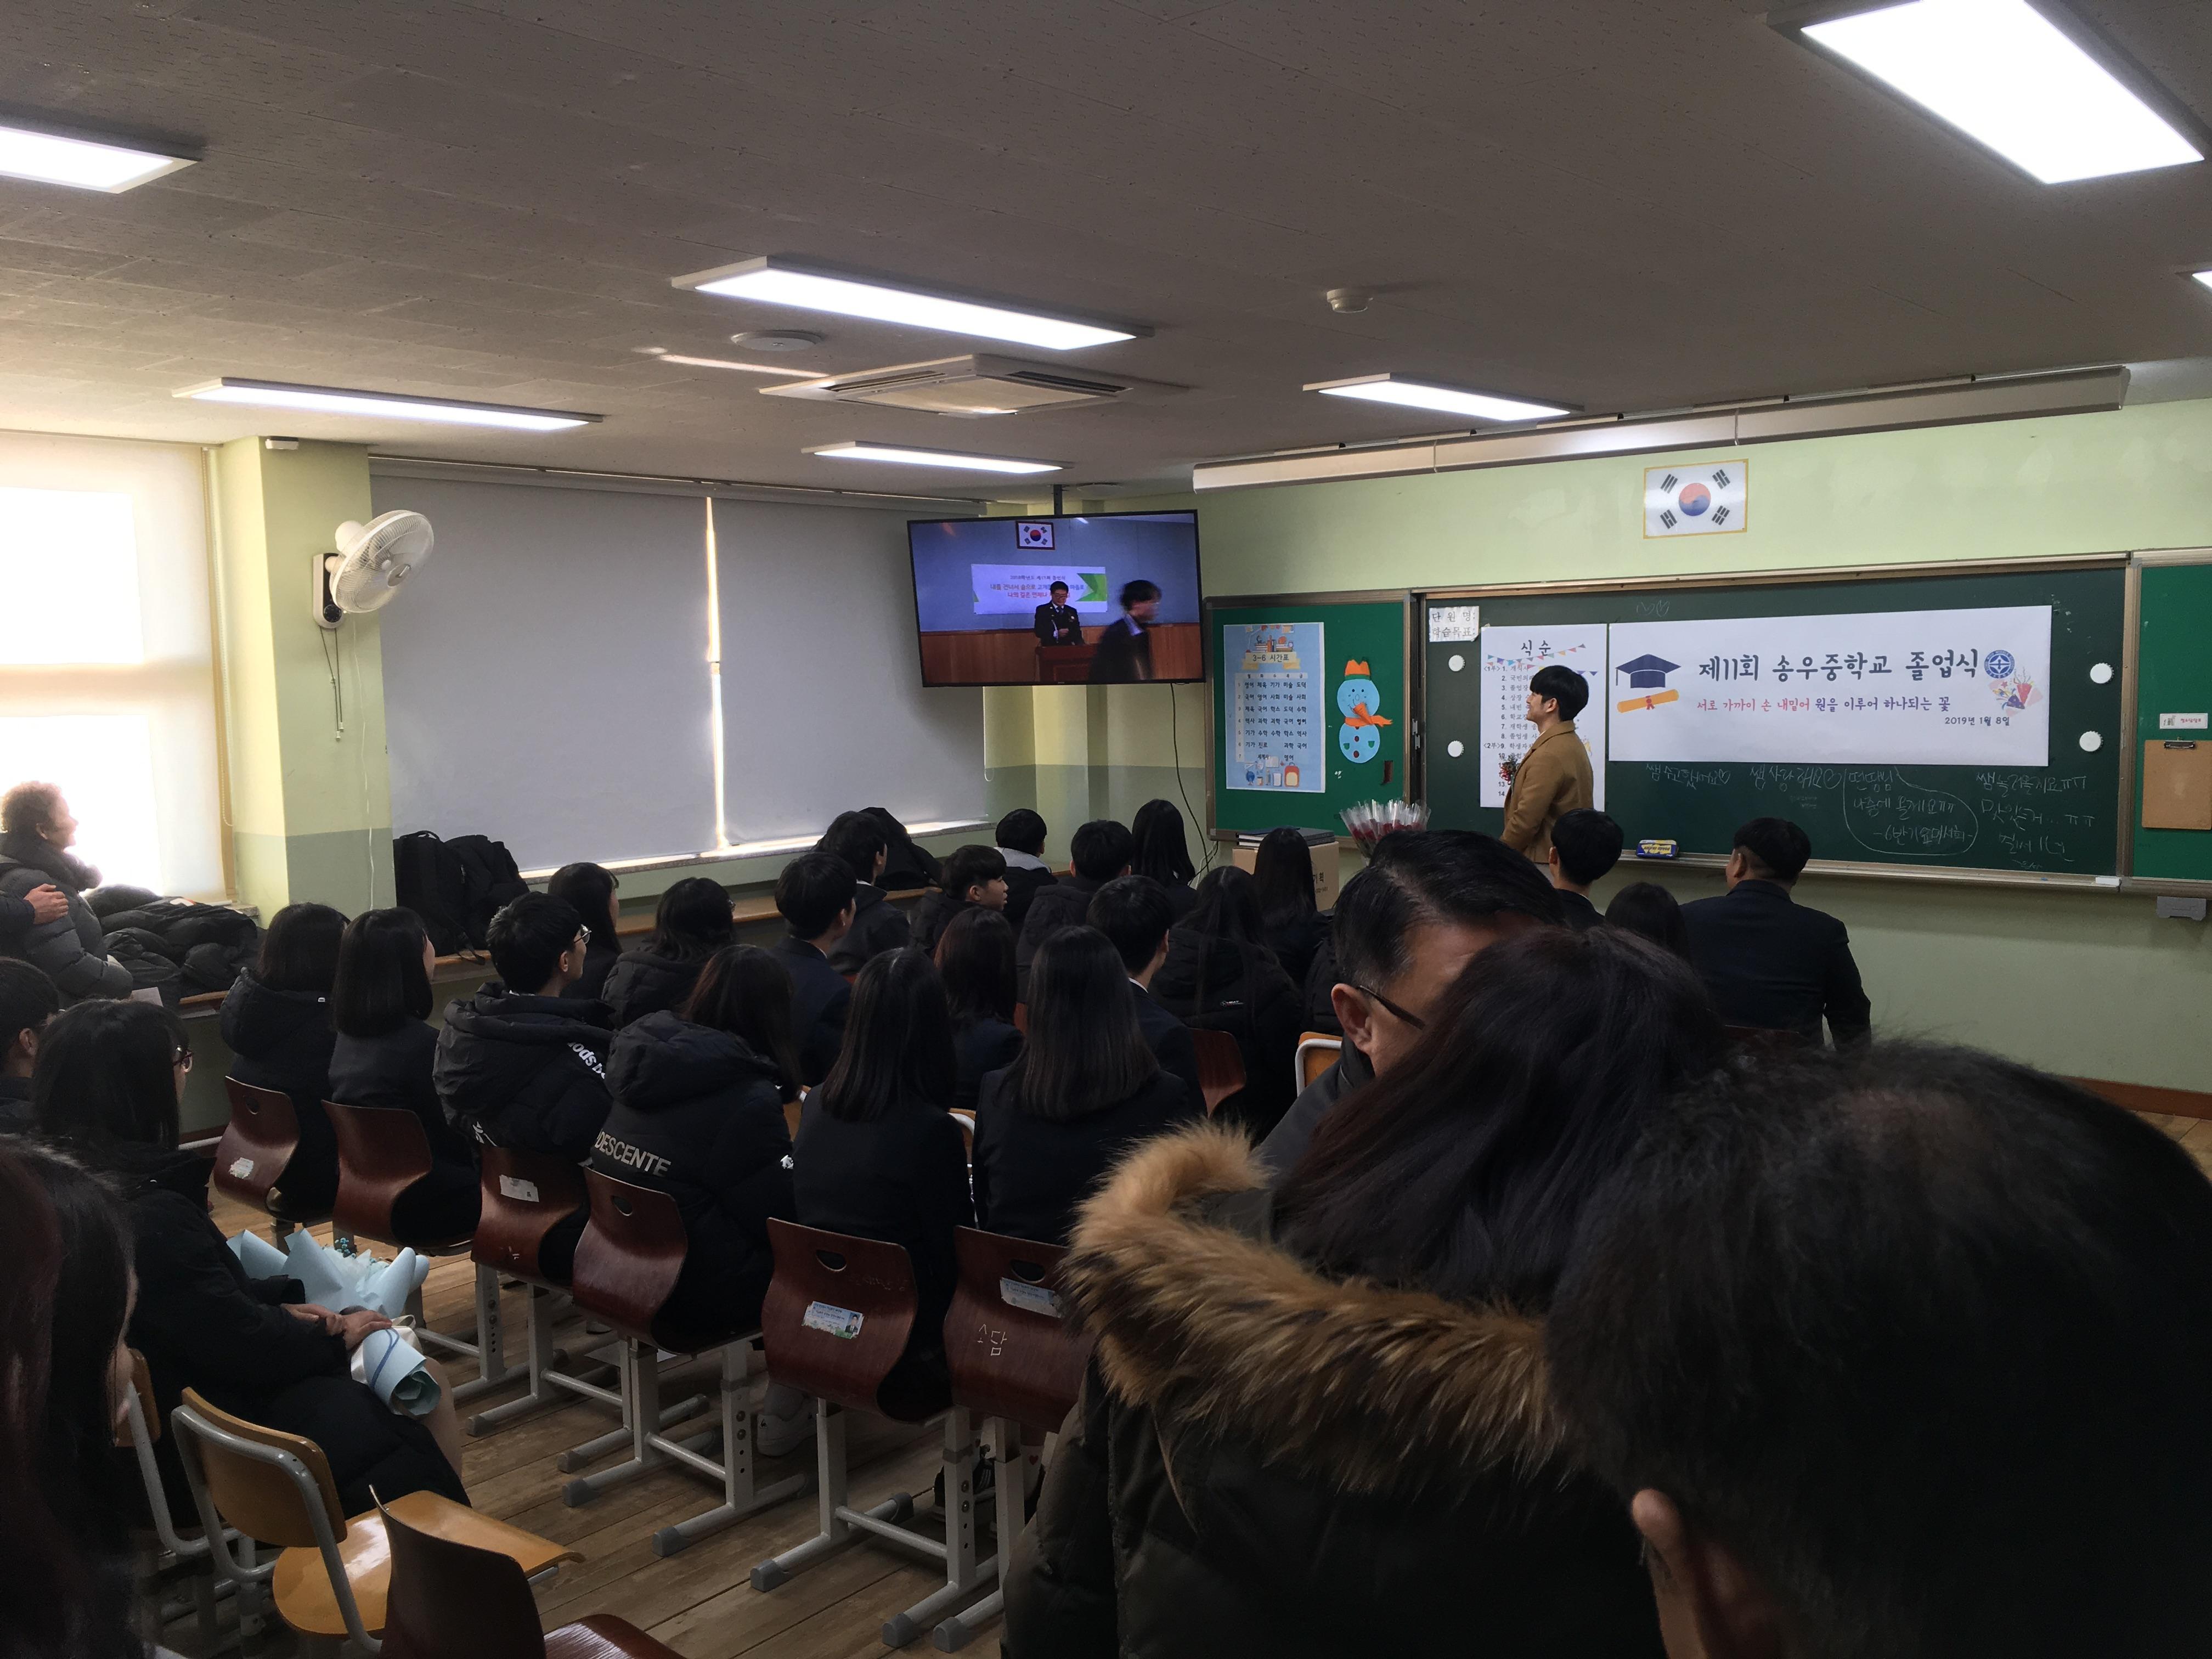 [일반] 2018학년도 졸업식의 첨부이미지 4